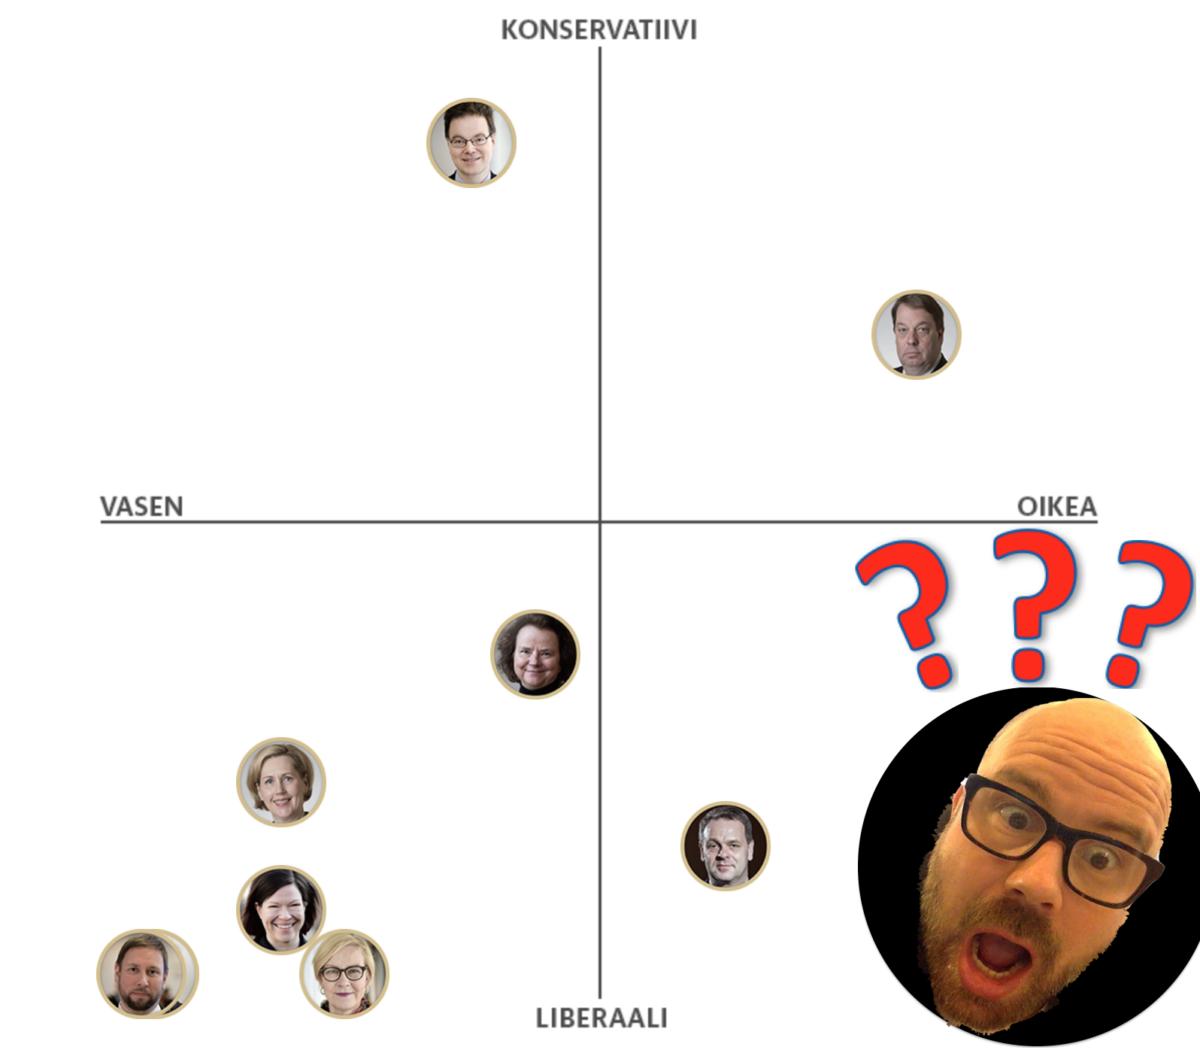 Suomen oikeistolaisin mies tekee vaalikoneen